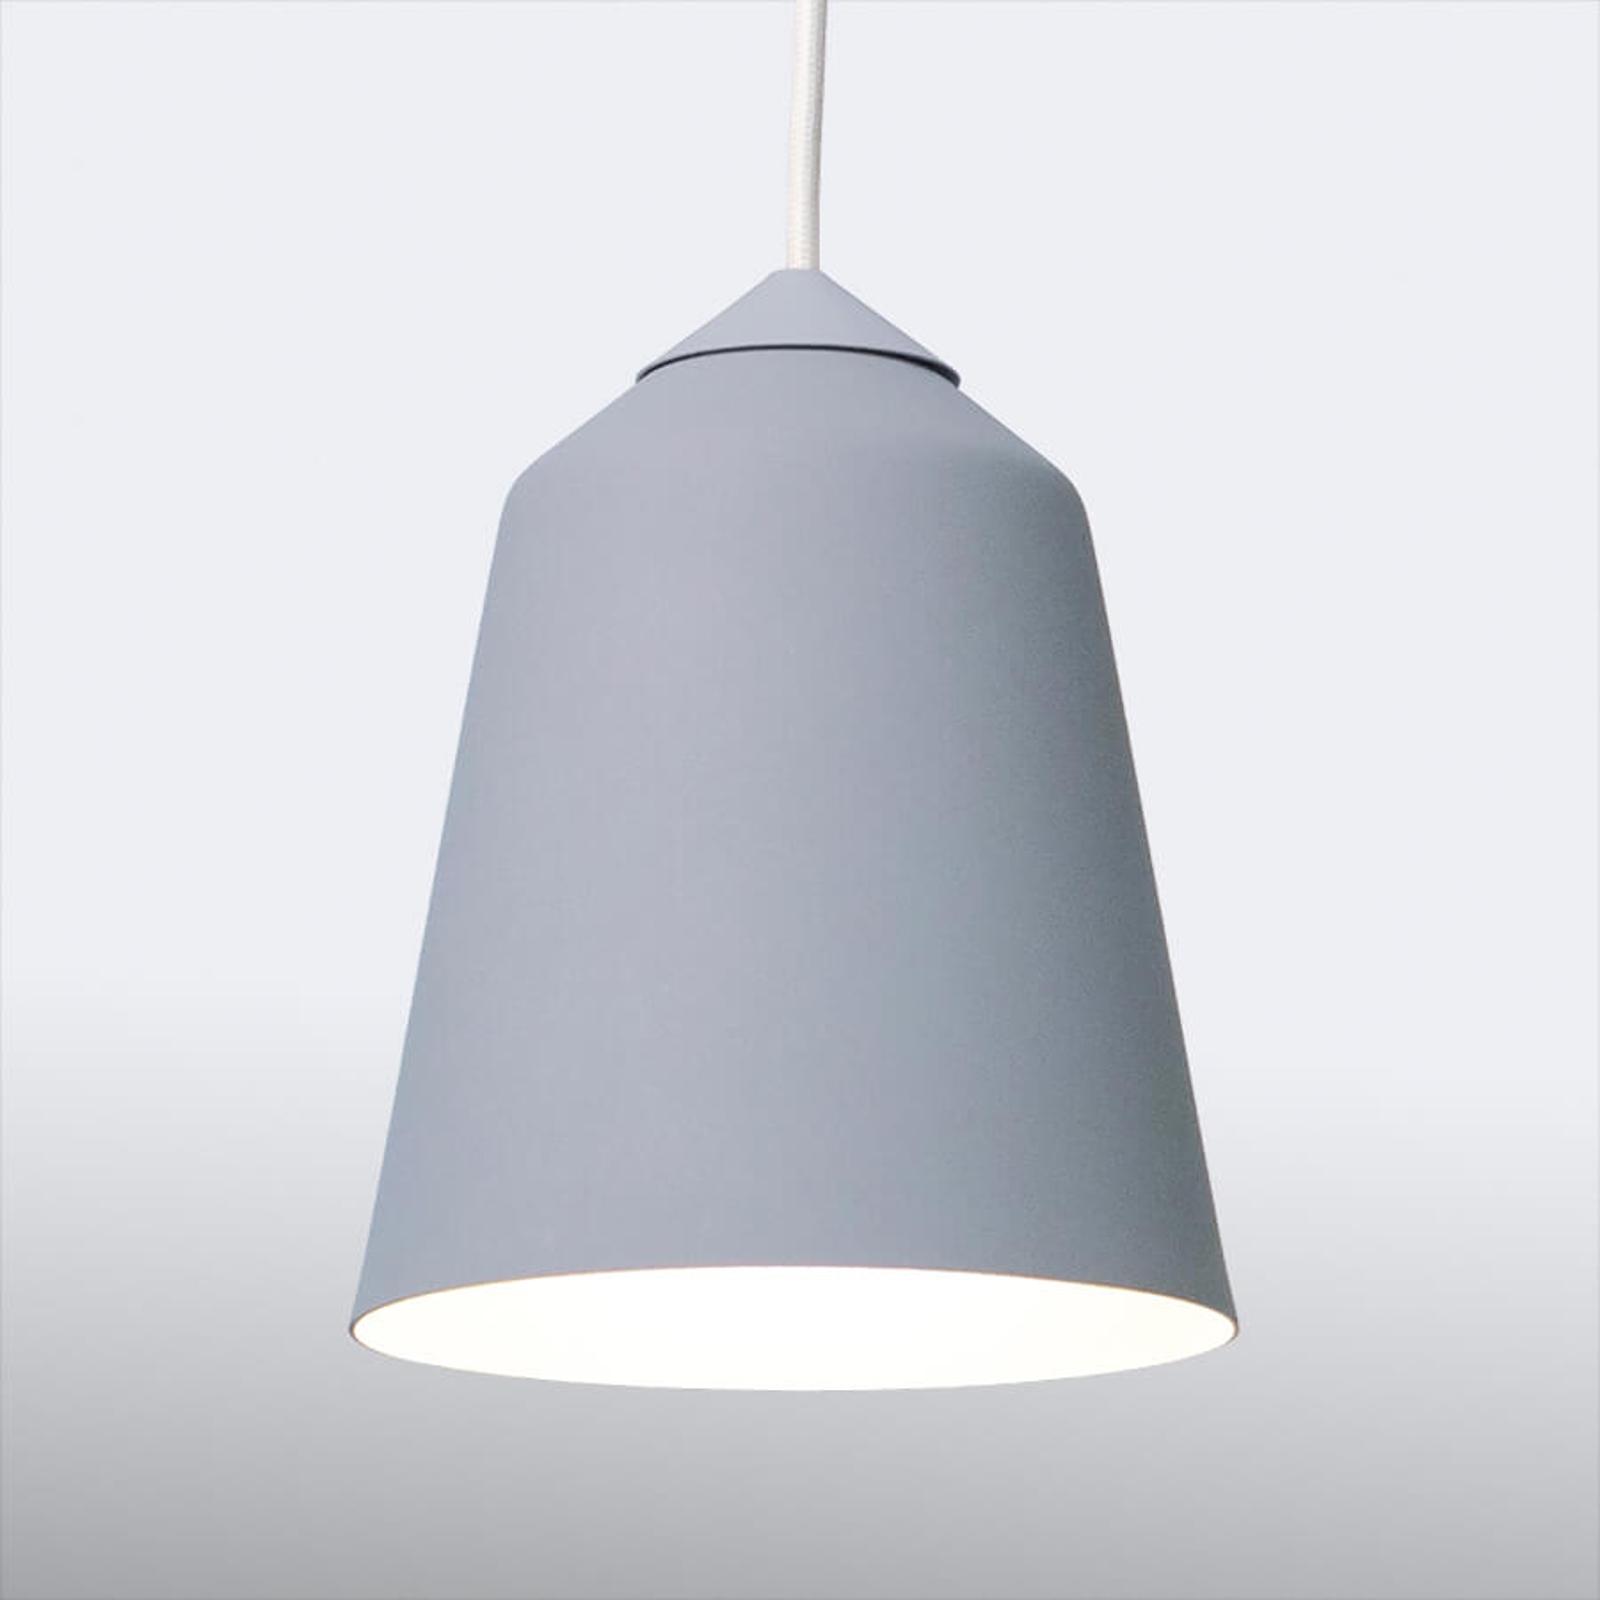 Innermost Circus - Hängeleuchte, grau-weiß, 15 cm